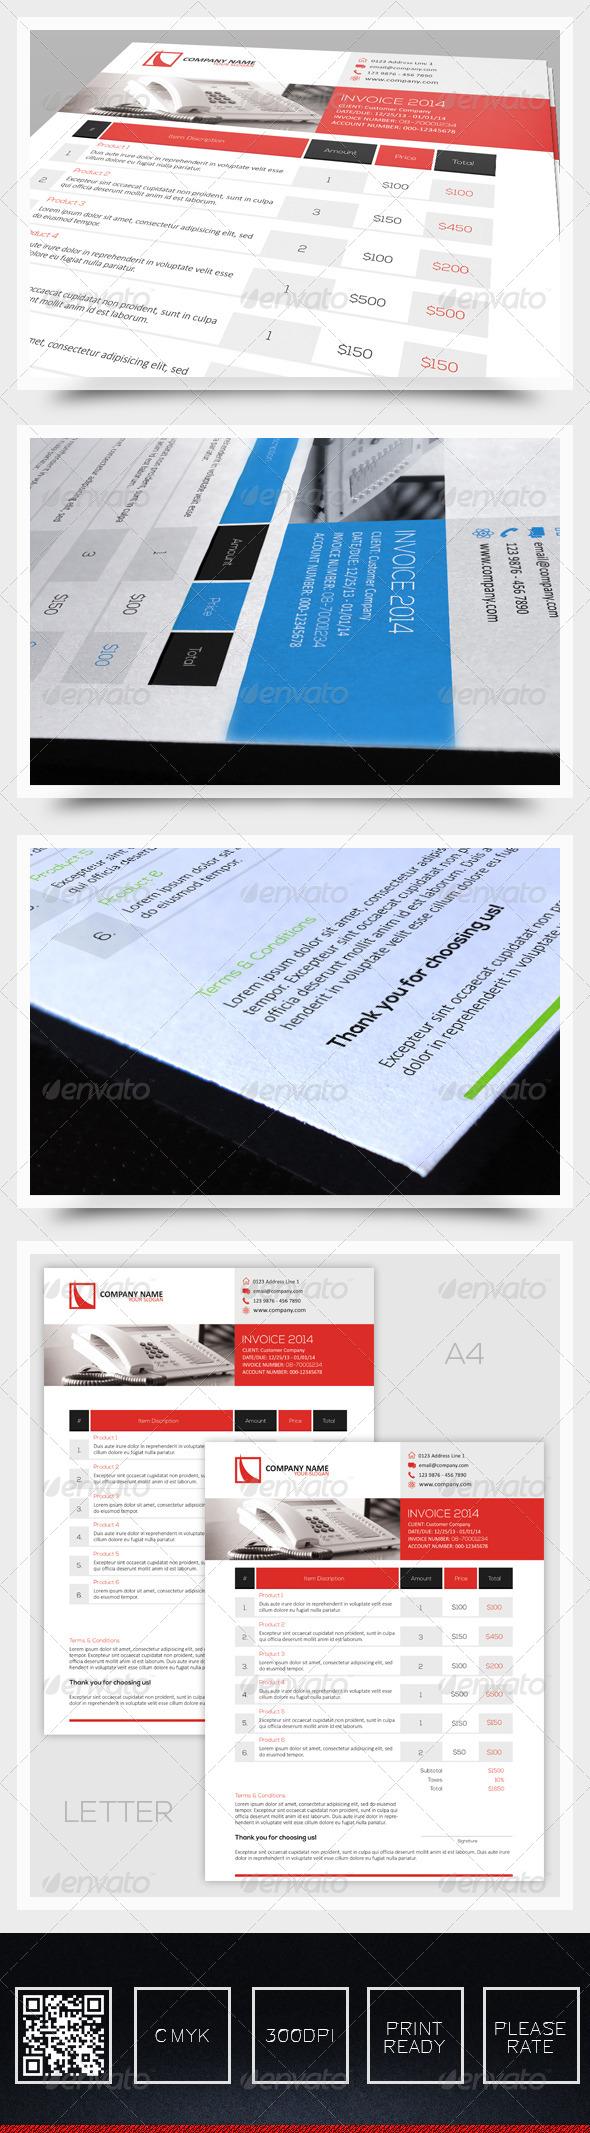 GraphicRiver Invoice Vol1 6386383